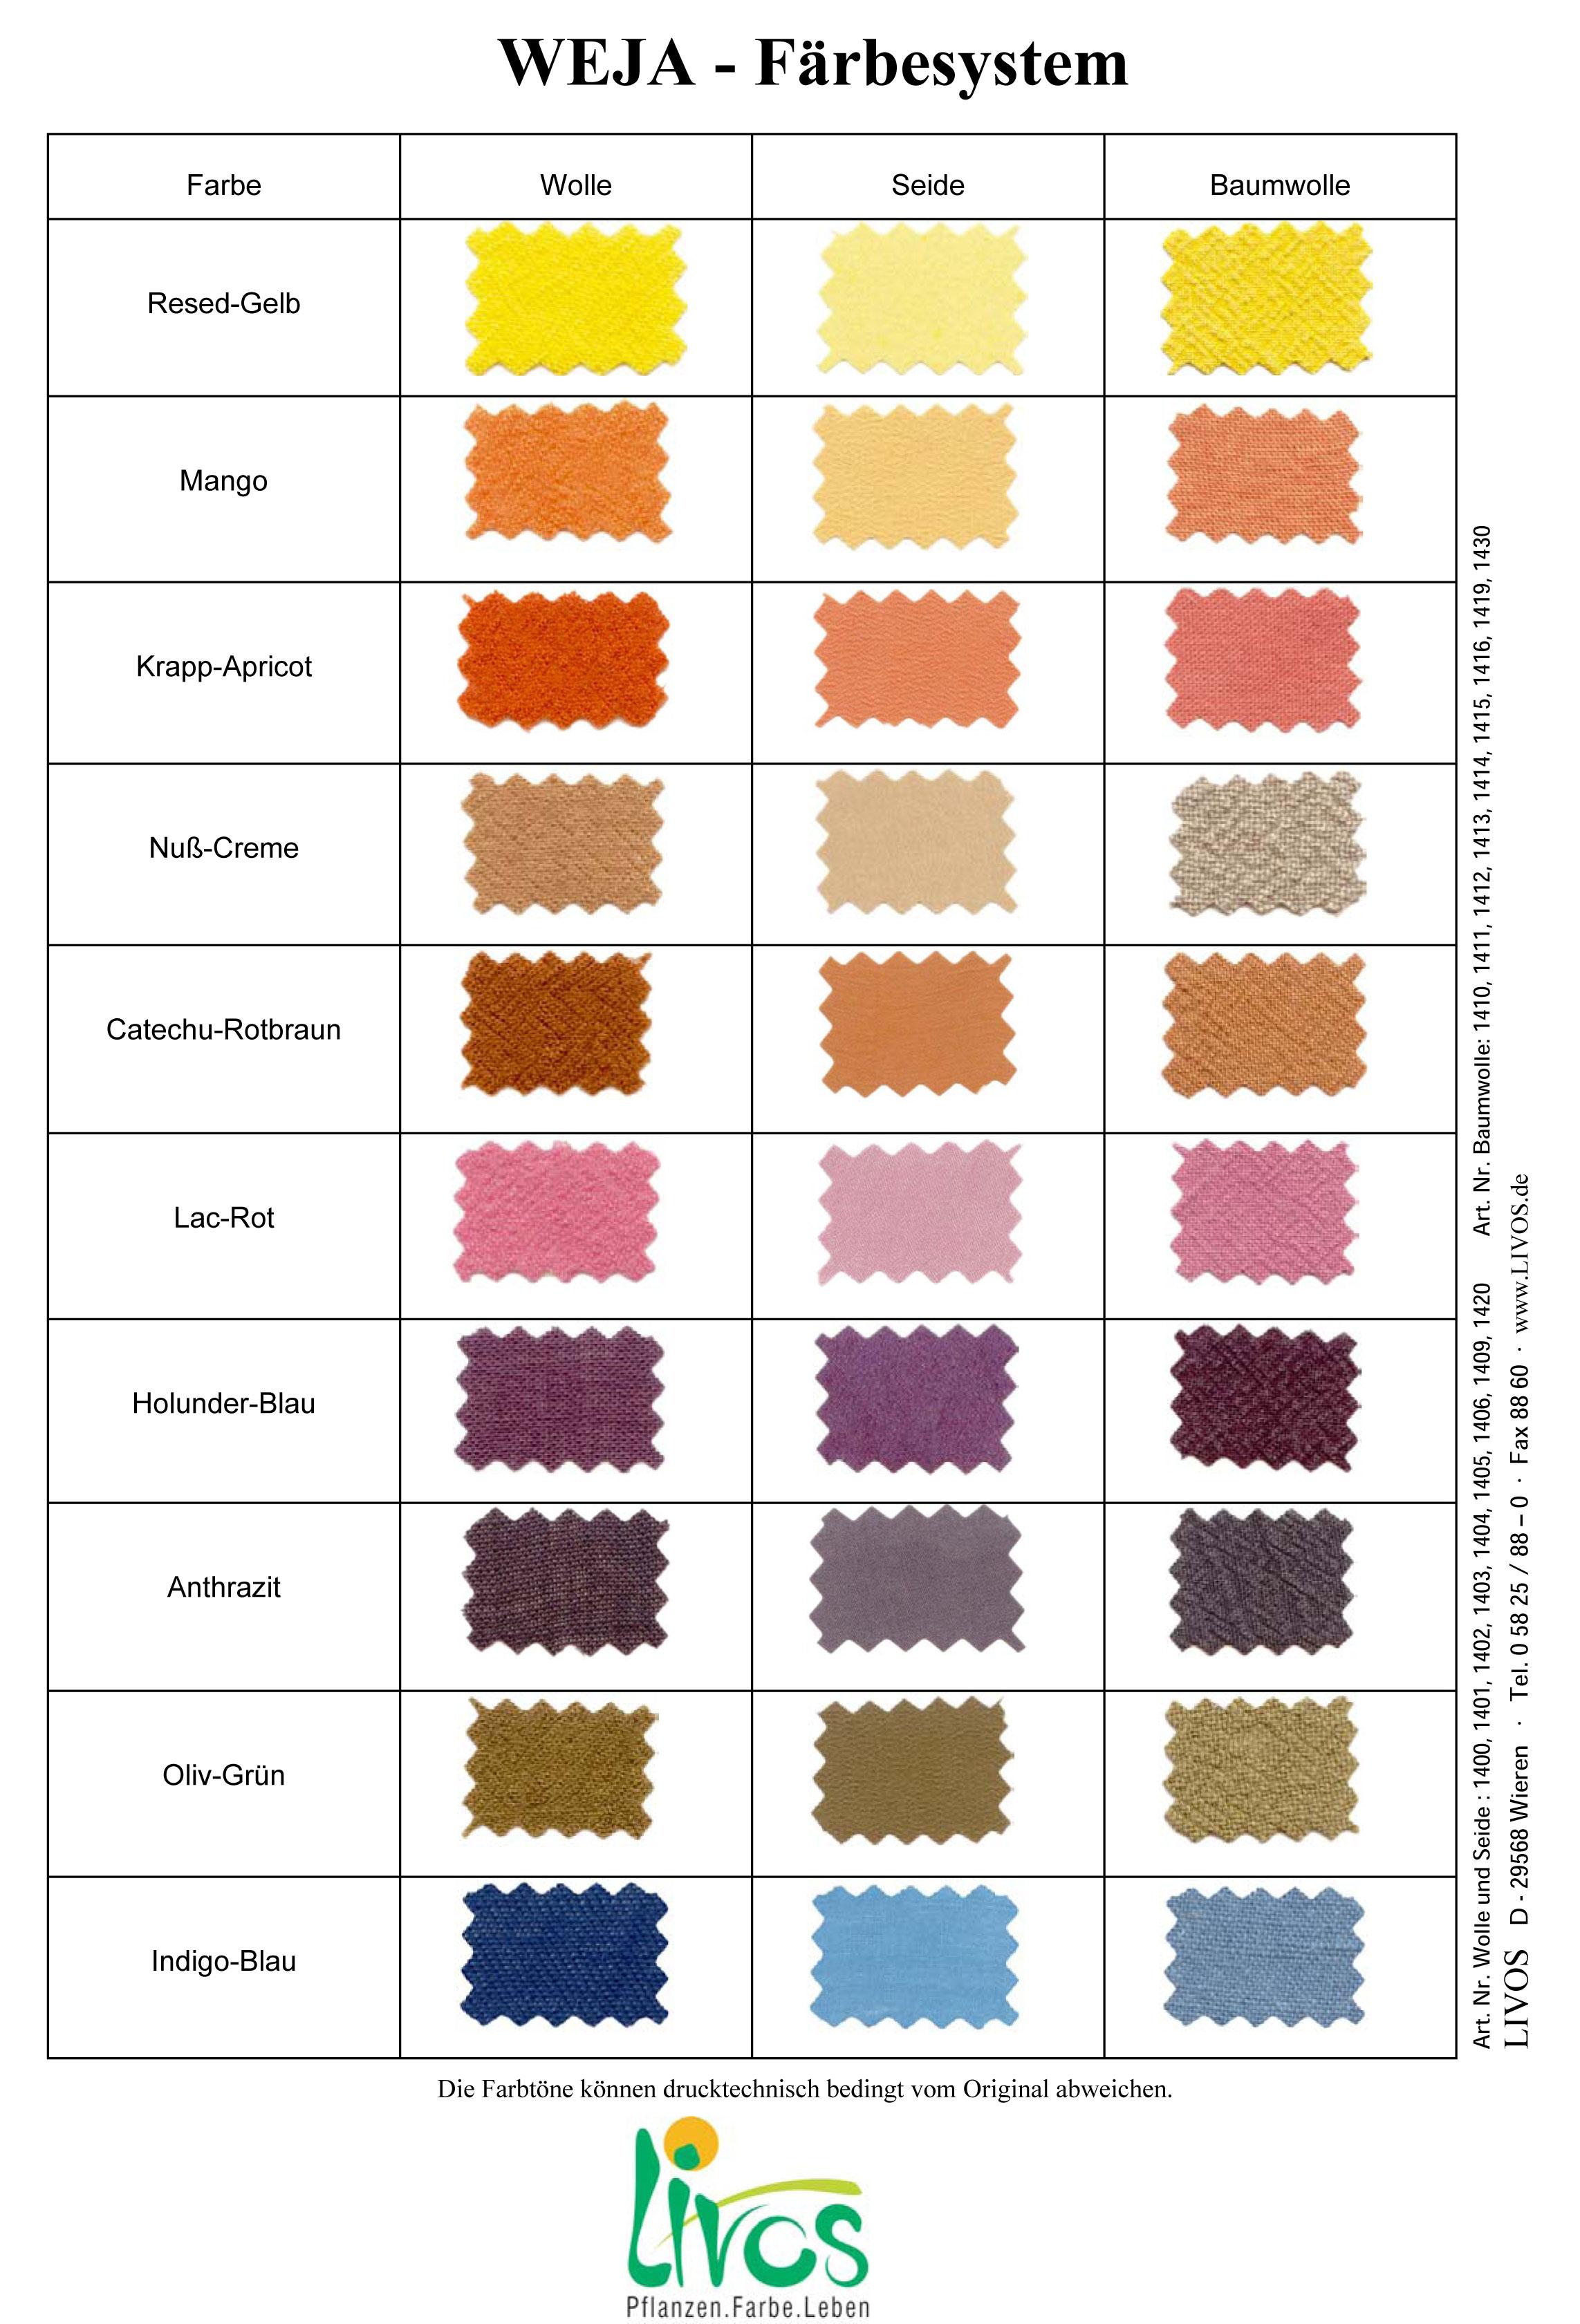 weja farvekort med catechu i skønne brune nuancer